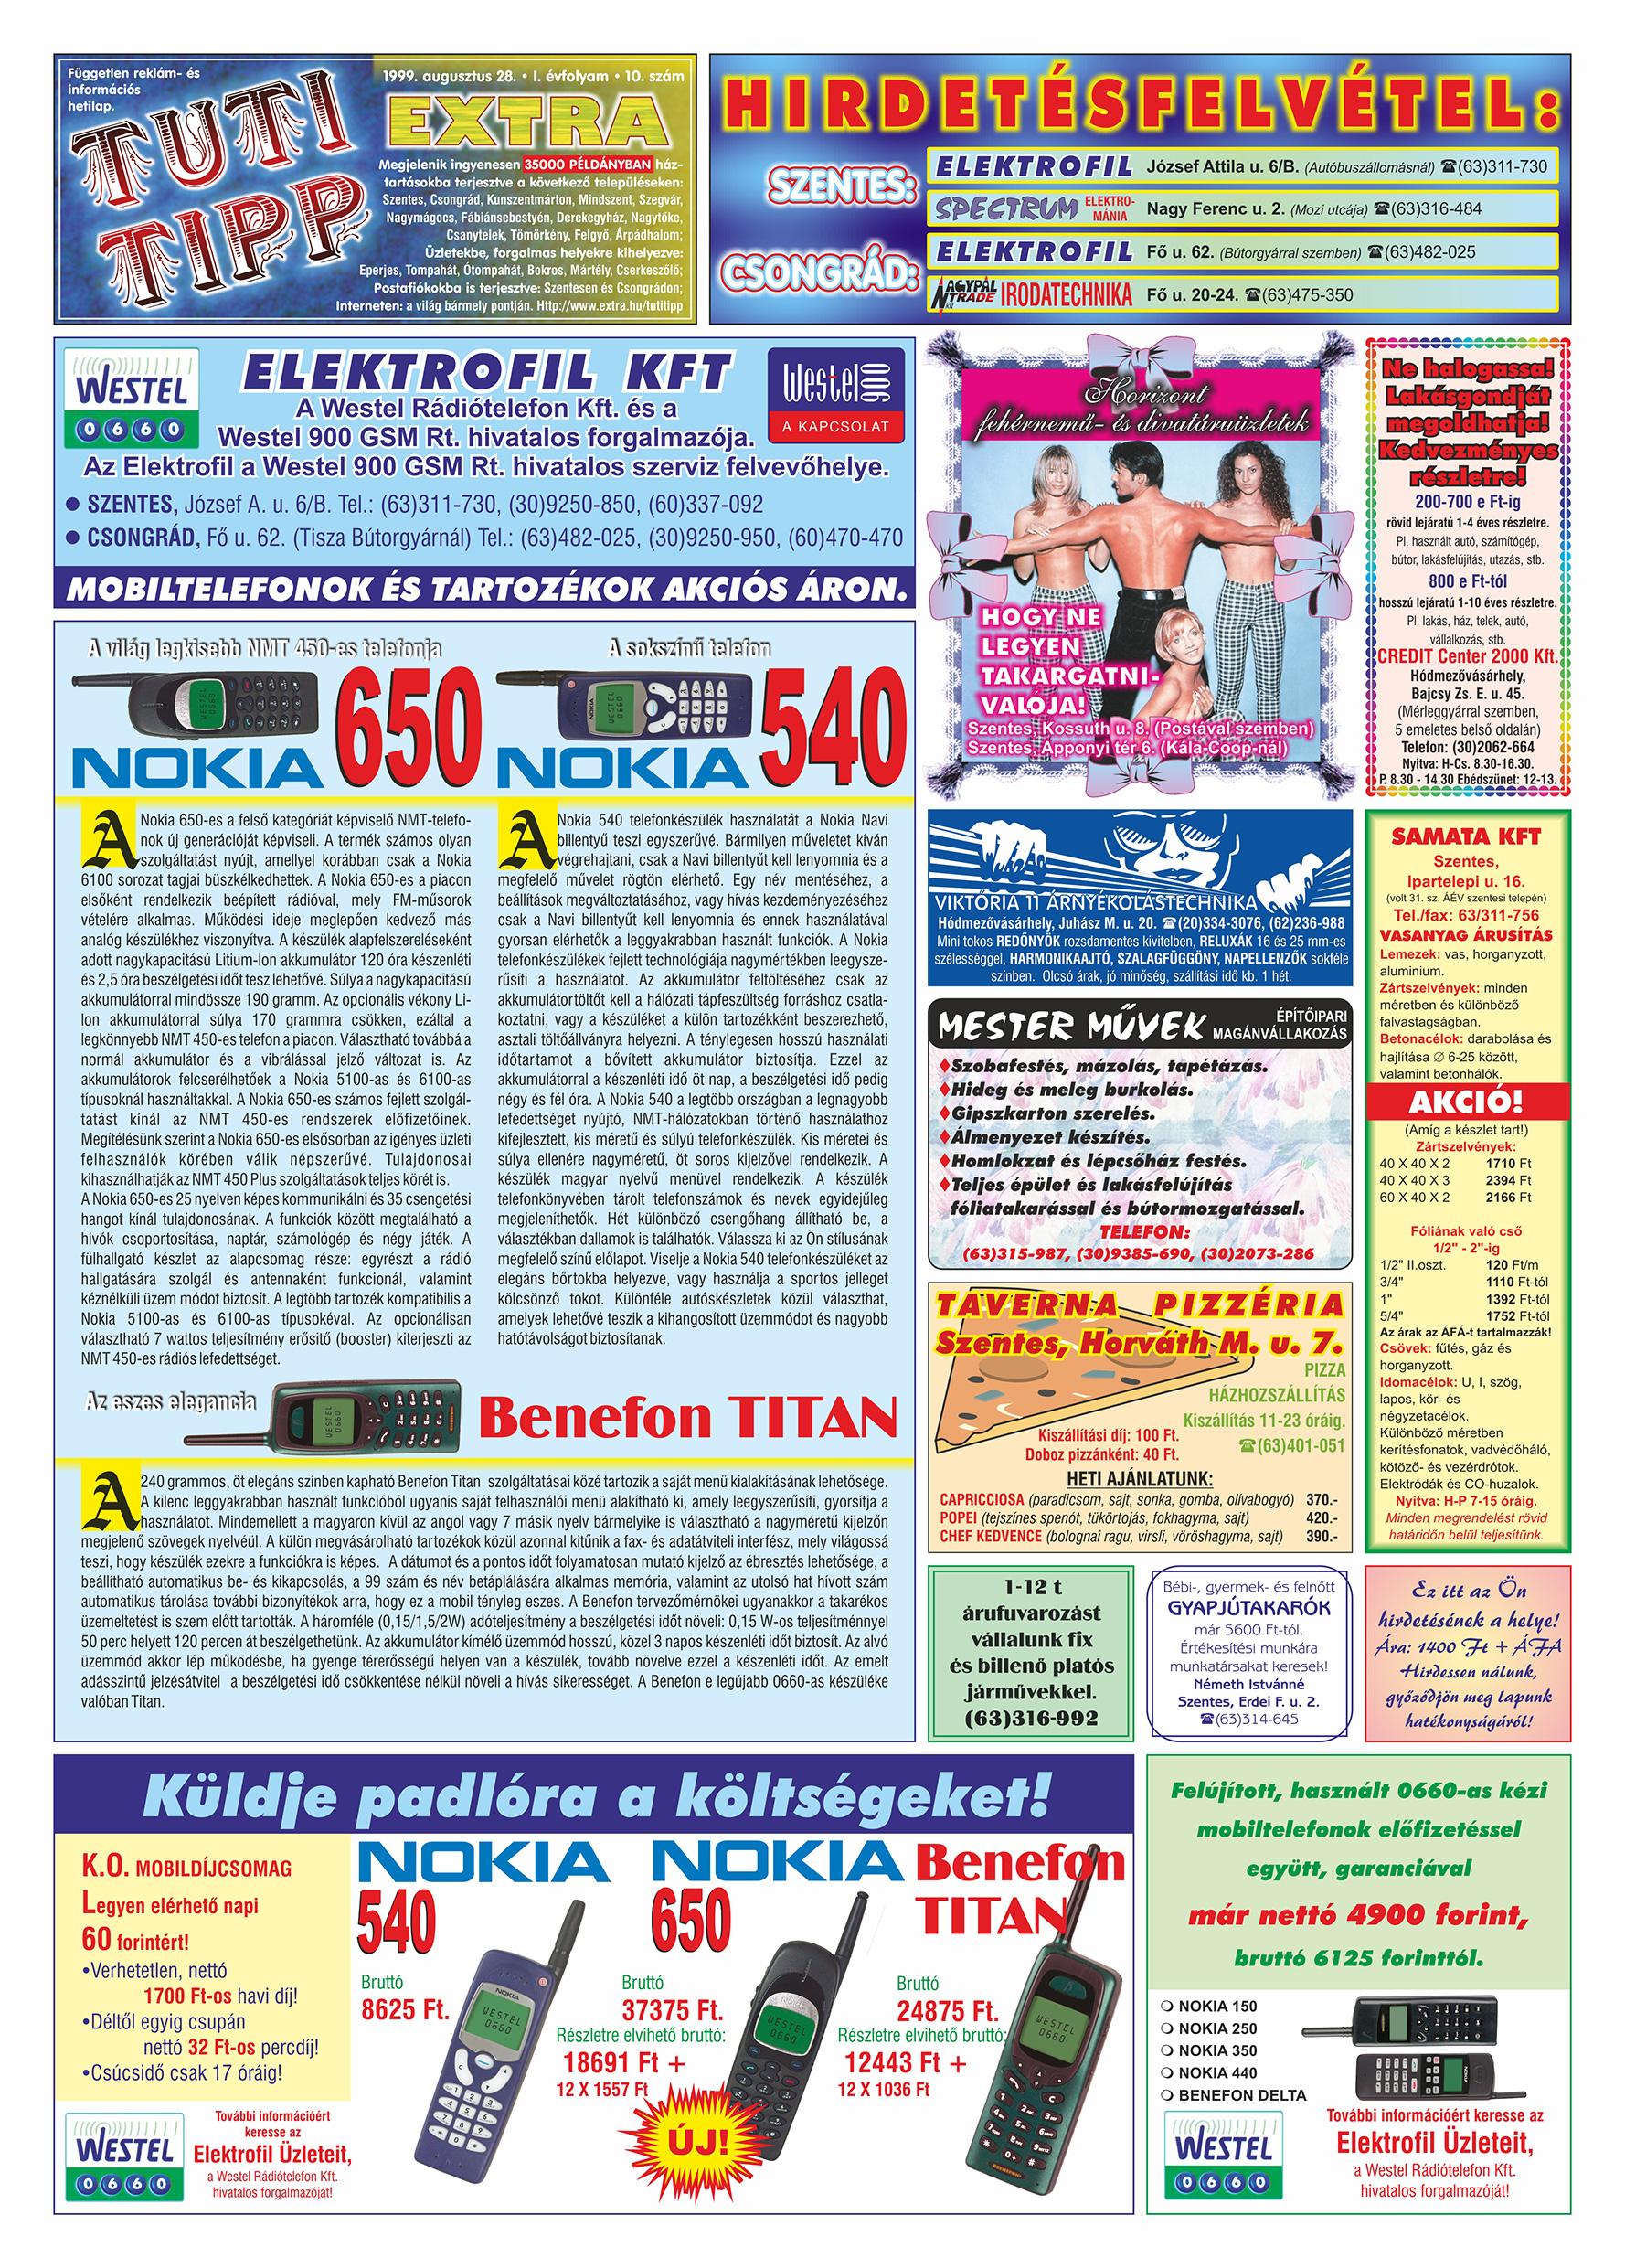 045 Tuti Tipp Extra reklámújság - 19990828-010. lapszám - 1.oldal - V. évfolyam.jpg